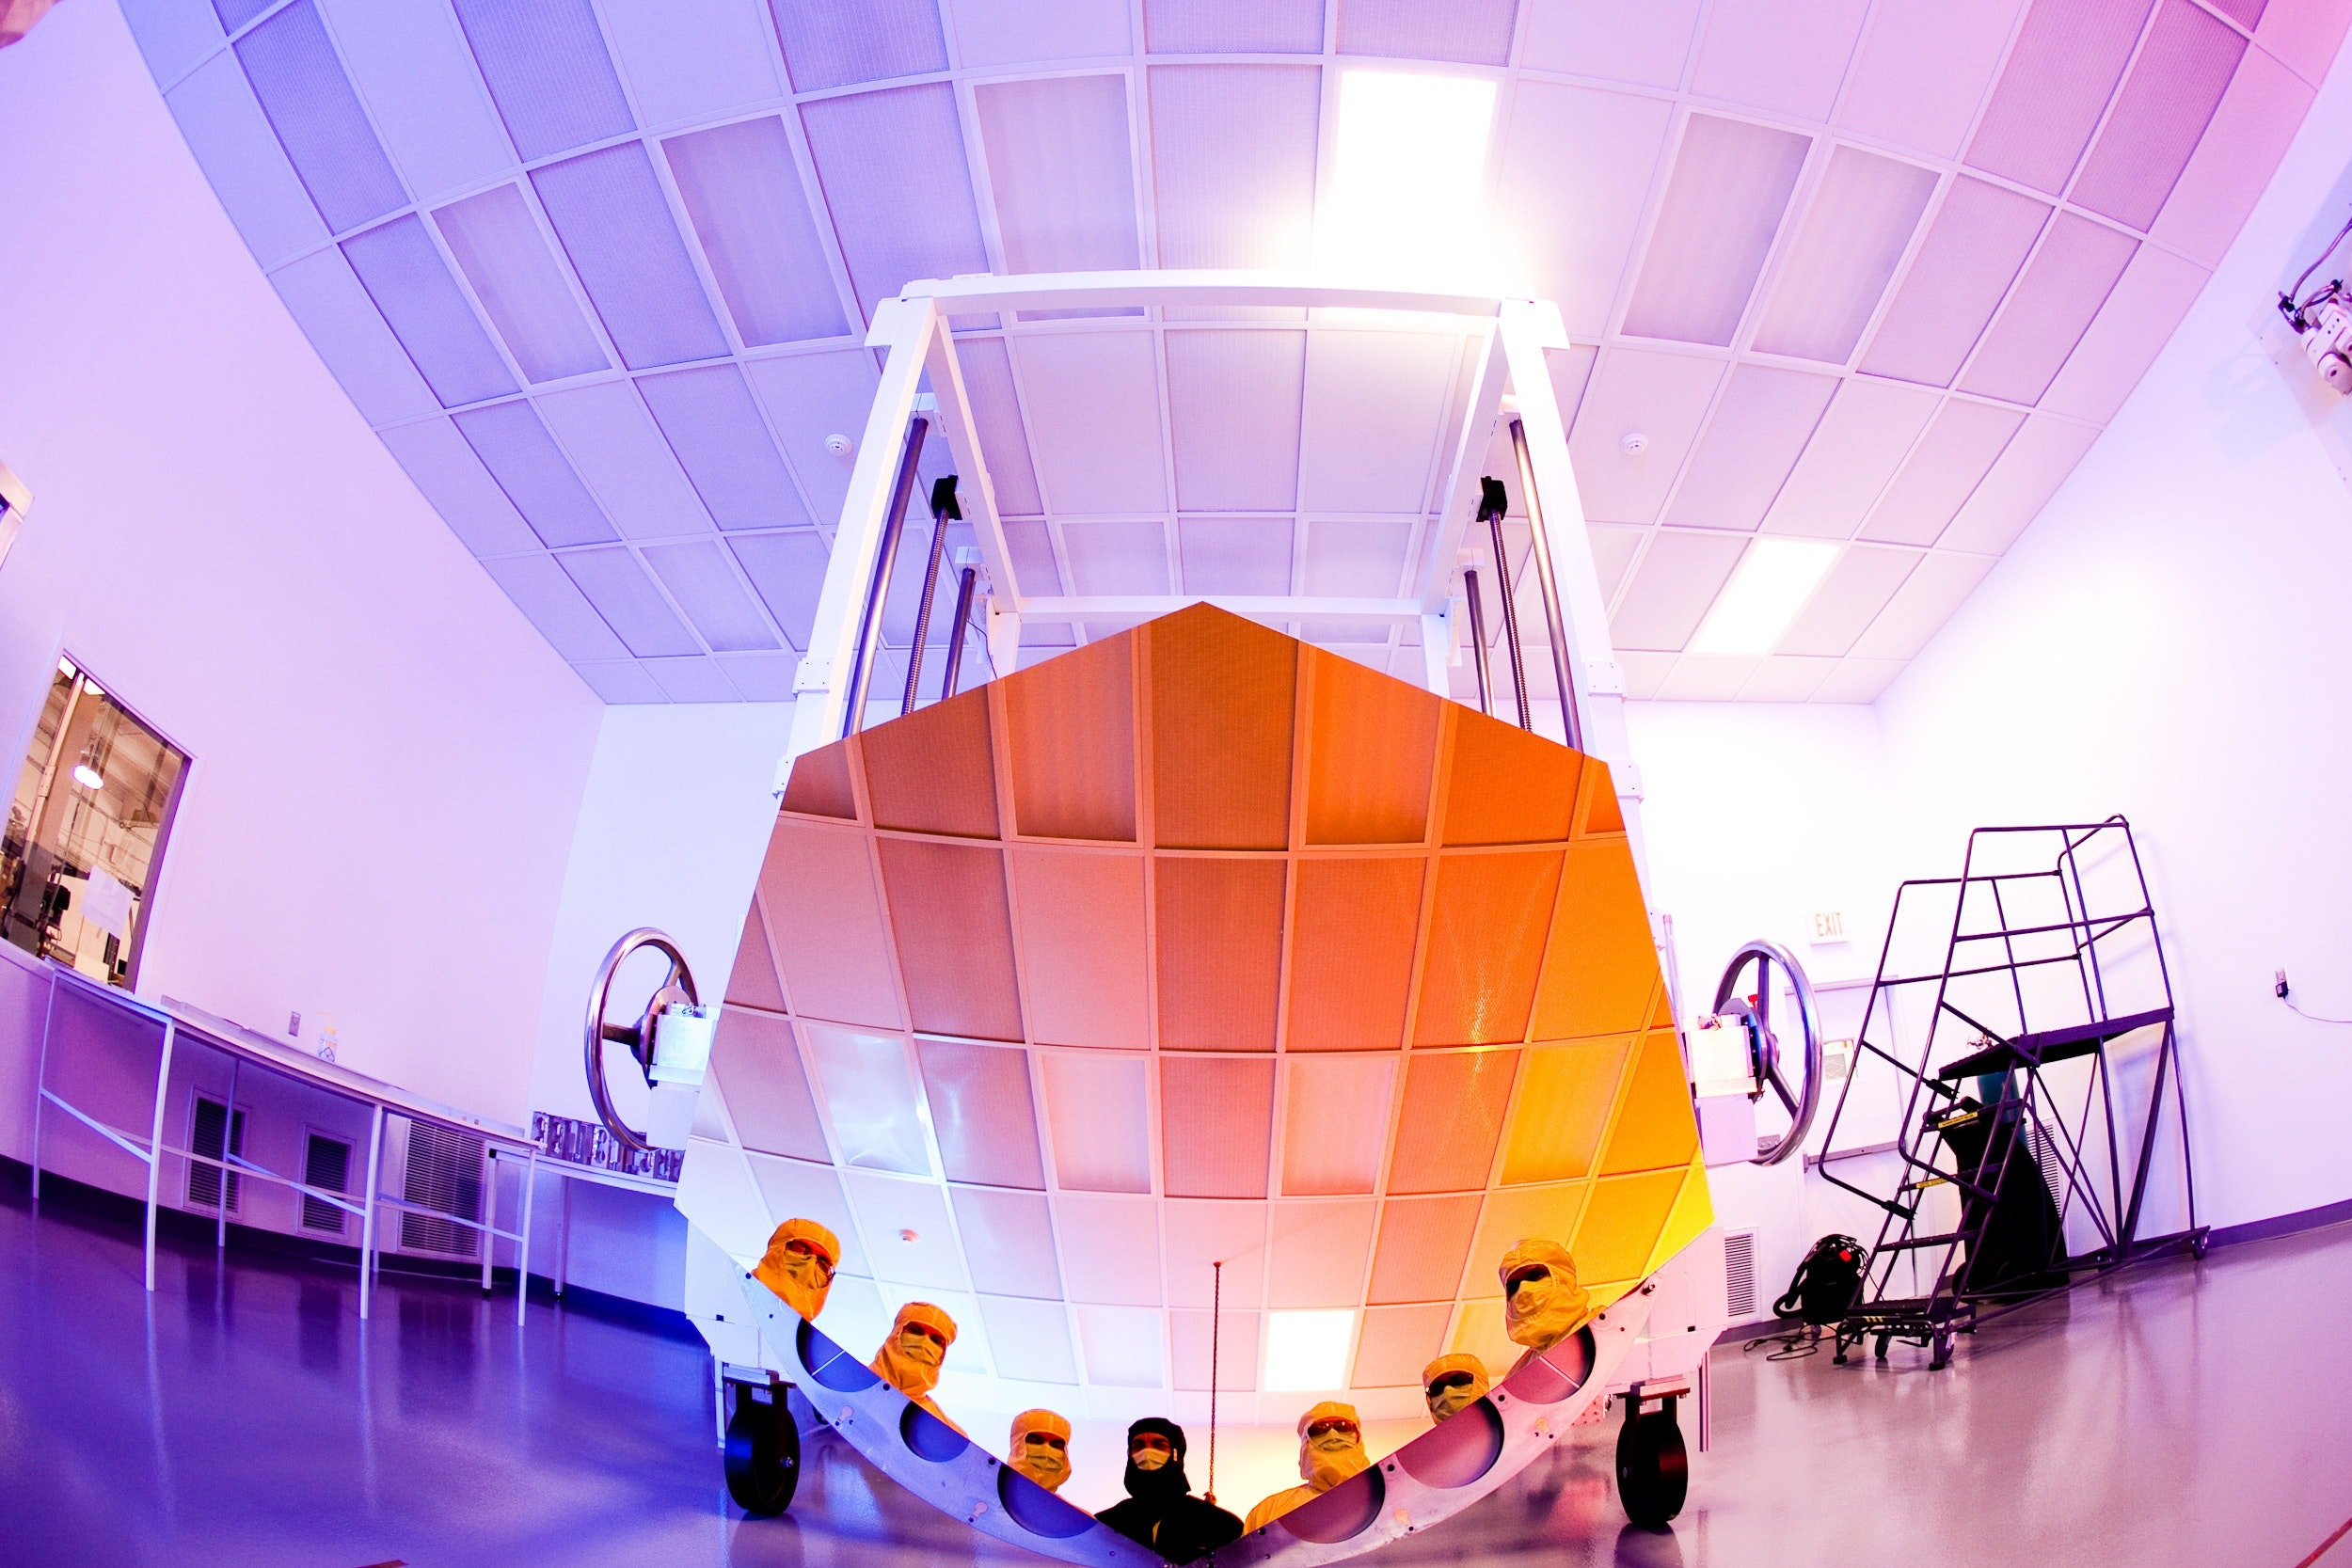 architecture-astronomy-bright-267625